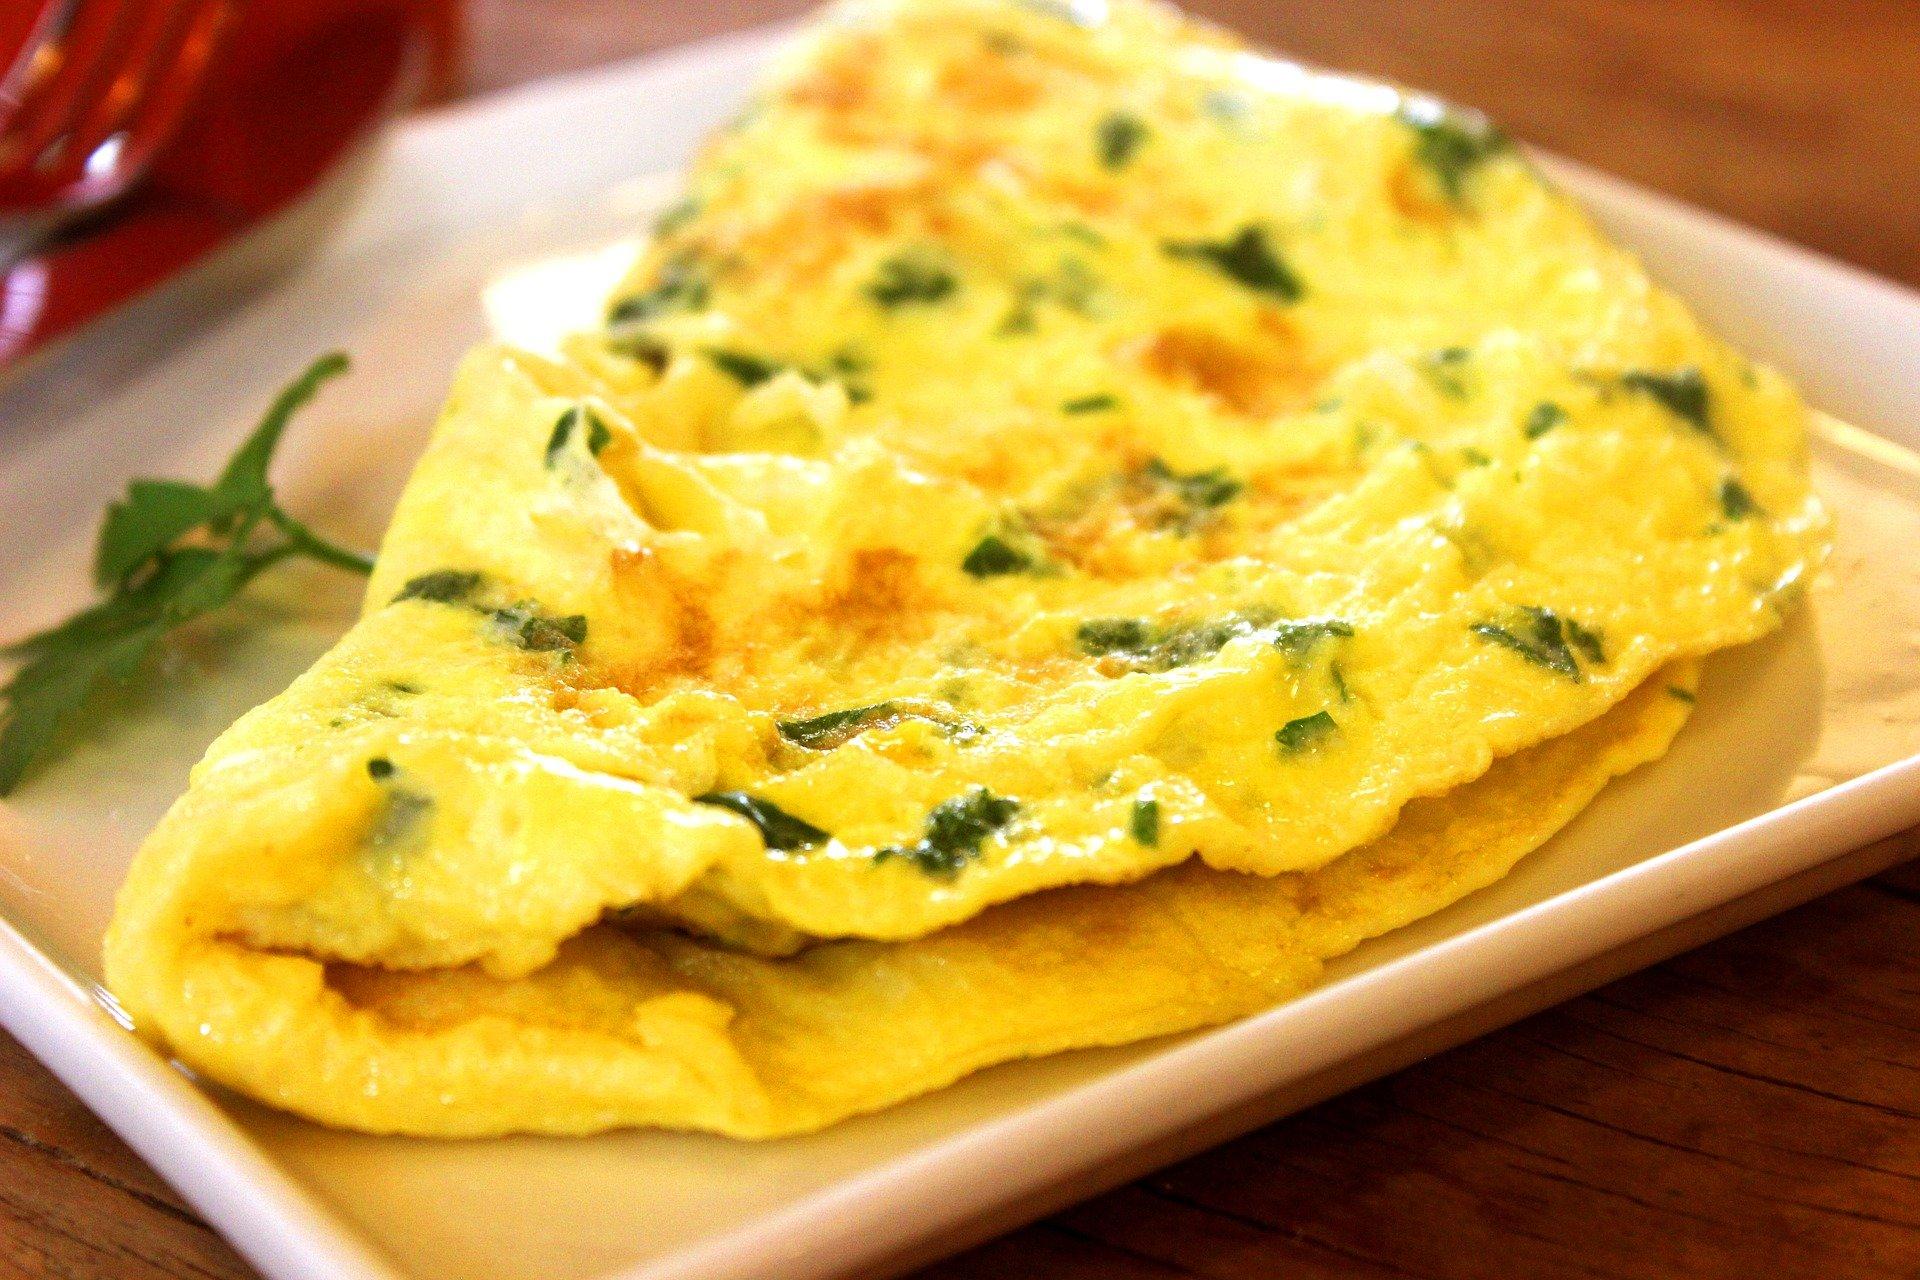 breakfast buffet omelet station